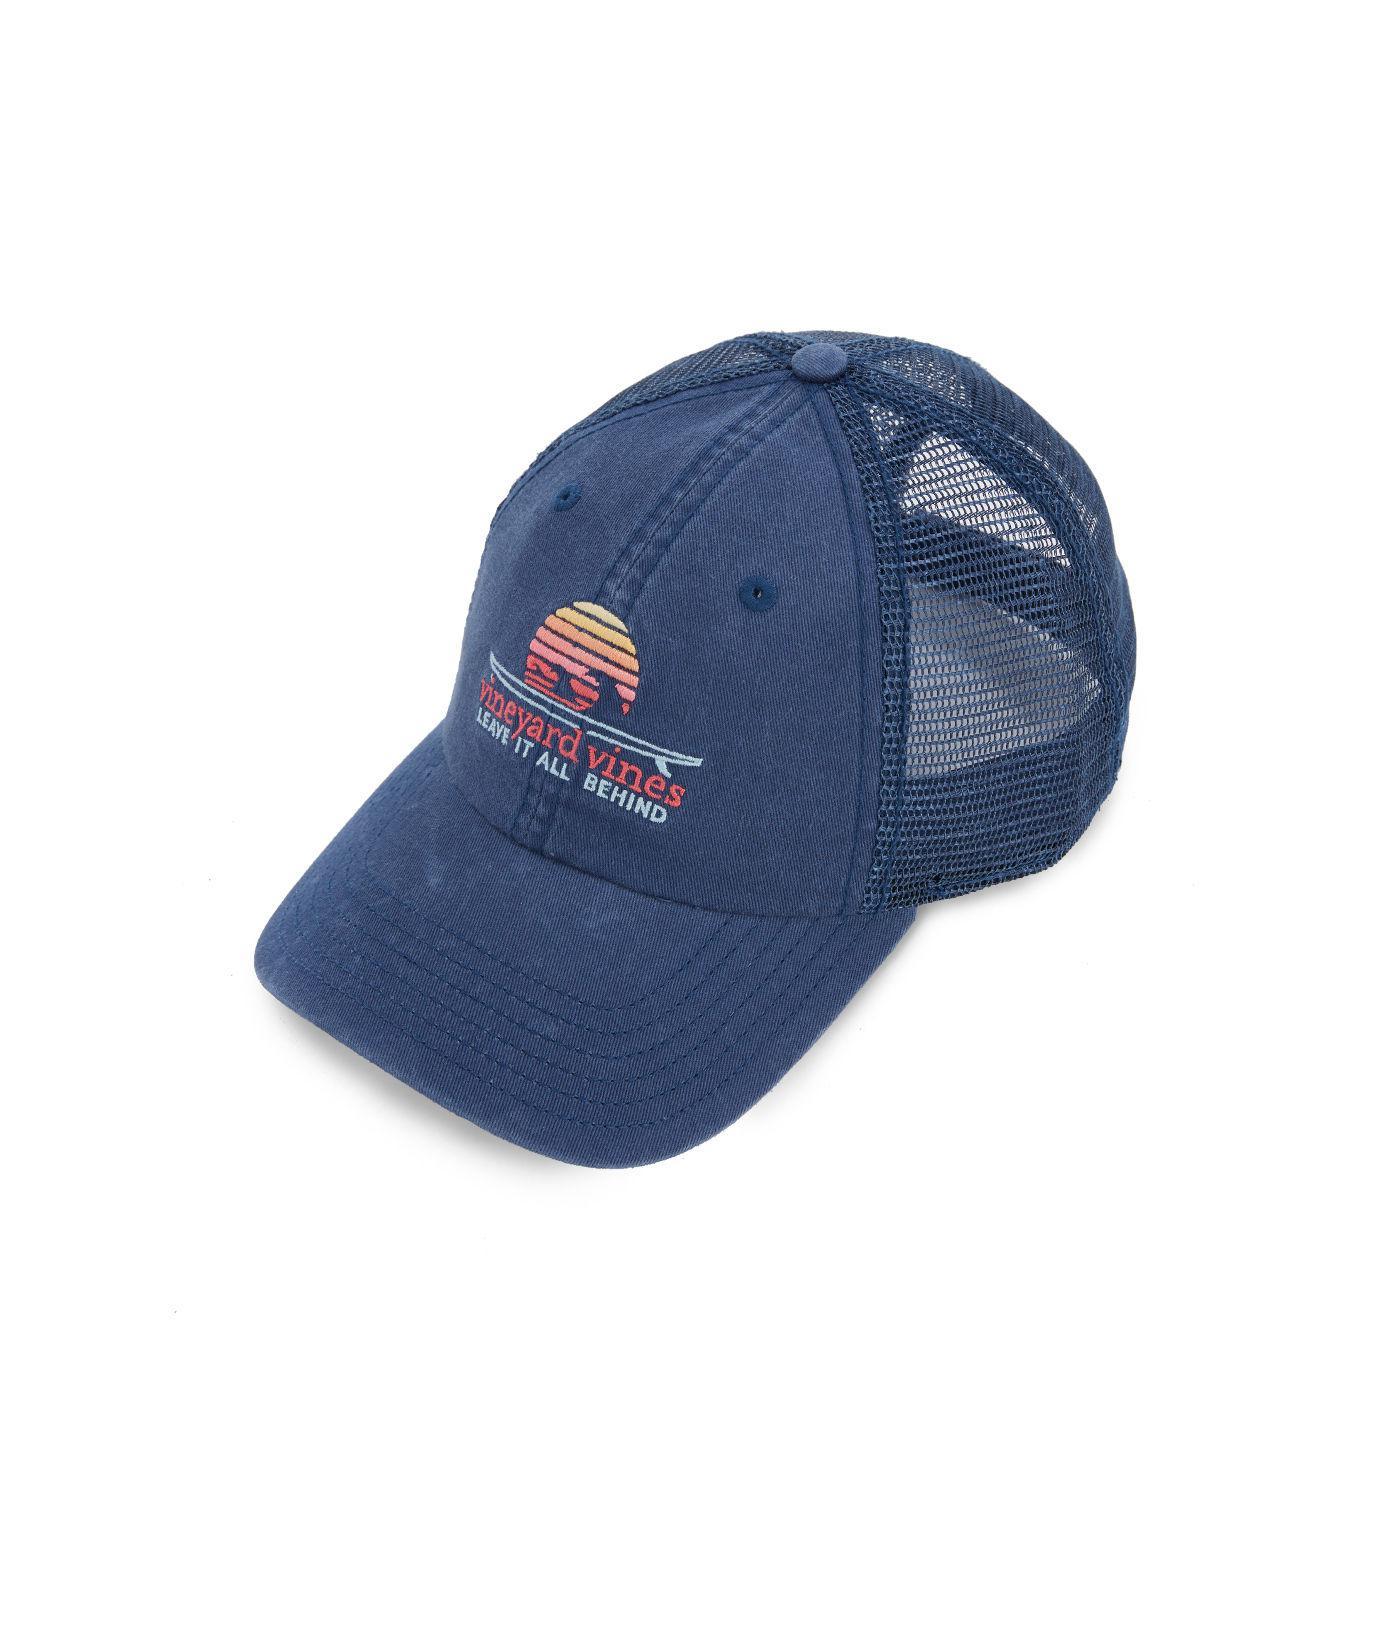 Lyst - Vineyard Vines Sunrise Surf Trucker Hat in Blue for Men beade4cf07c3